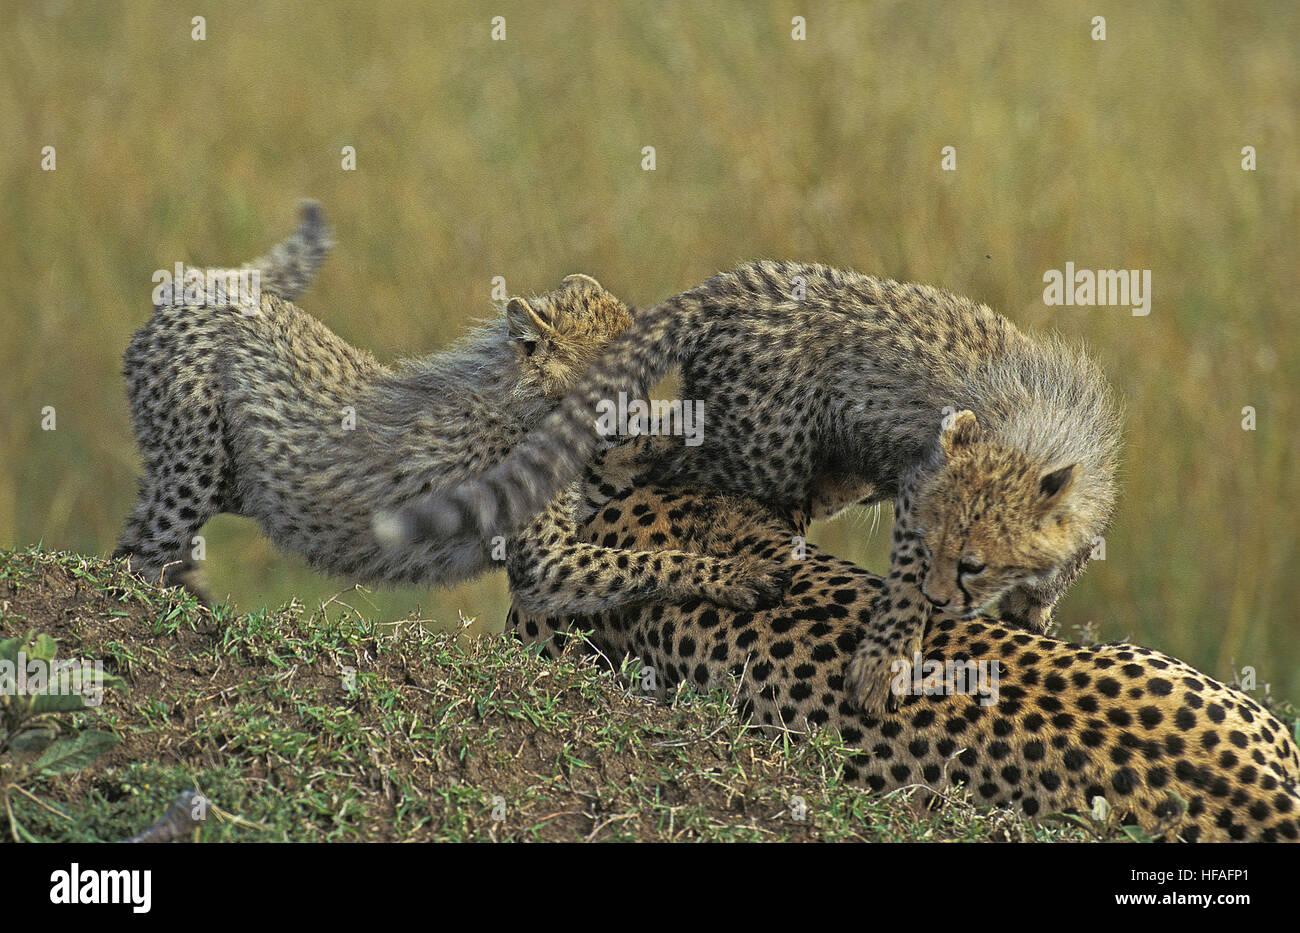 Guepardo Acinonyx jubatus, Madre y Cub jugando, Parque de Masai Mara en Kenya Foto de stock